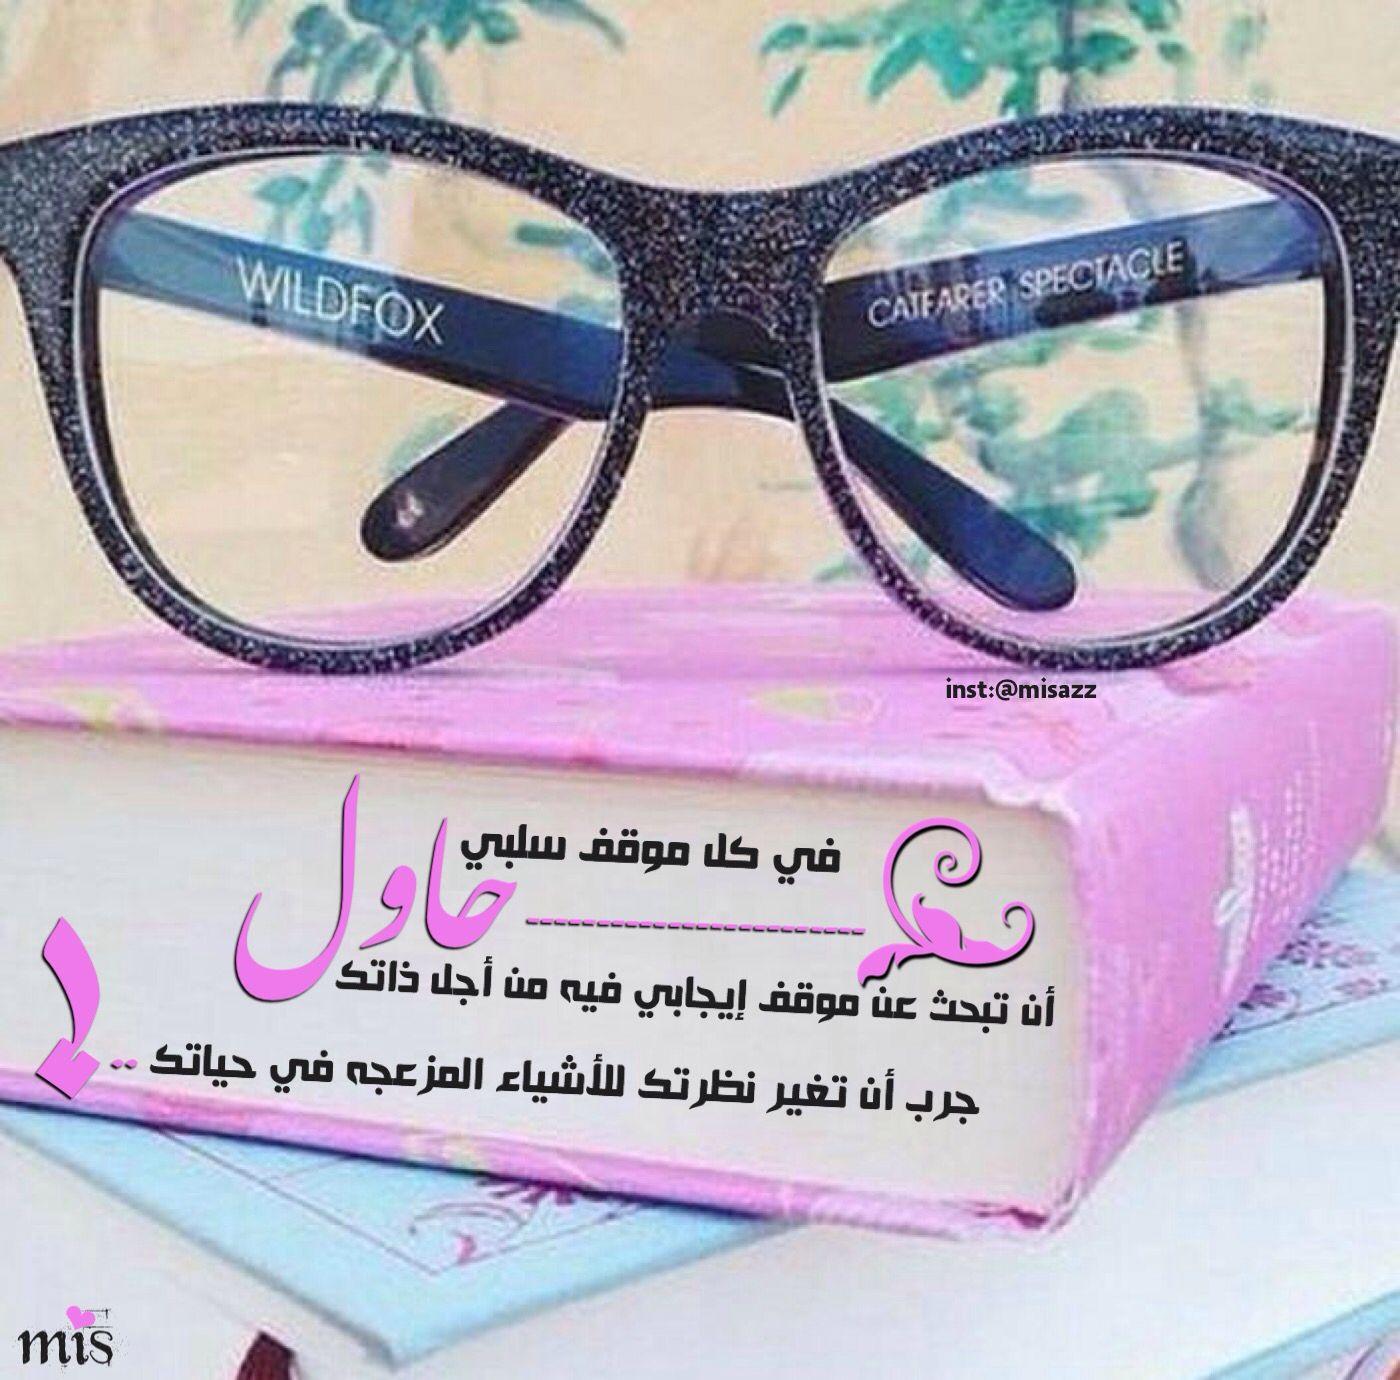 في كل موقف سلبي حاول أن تبحث عن موقف إيجابي فيع من أجل ذاتك جرب أن تغير نظرتك للأشياء المزعجه في حياتك نصيحه ايجابيات Square Sunglass Glasses